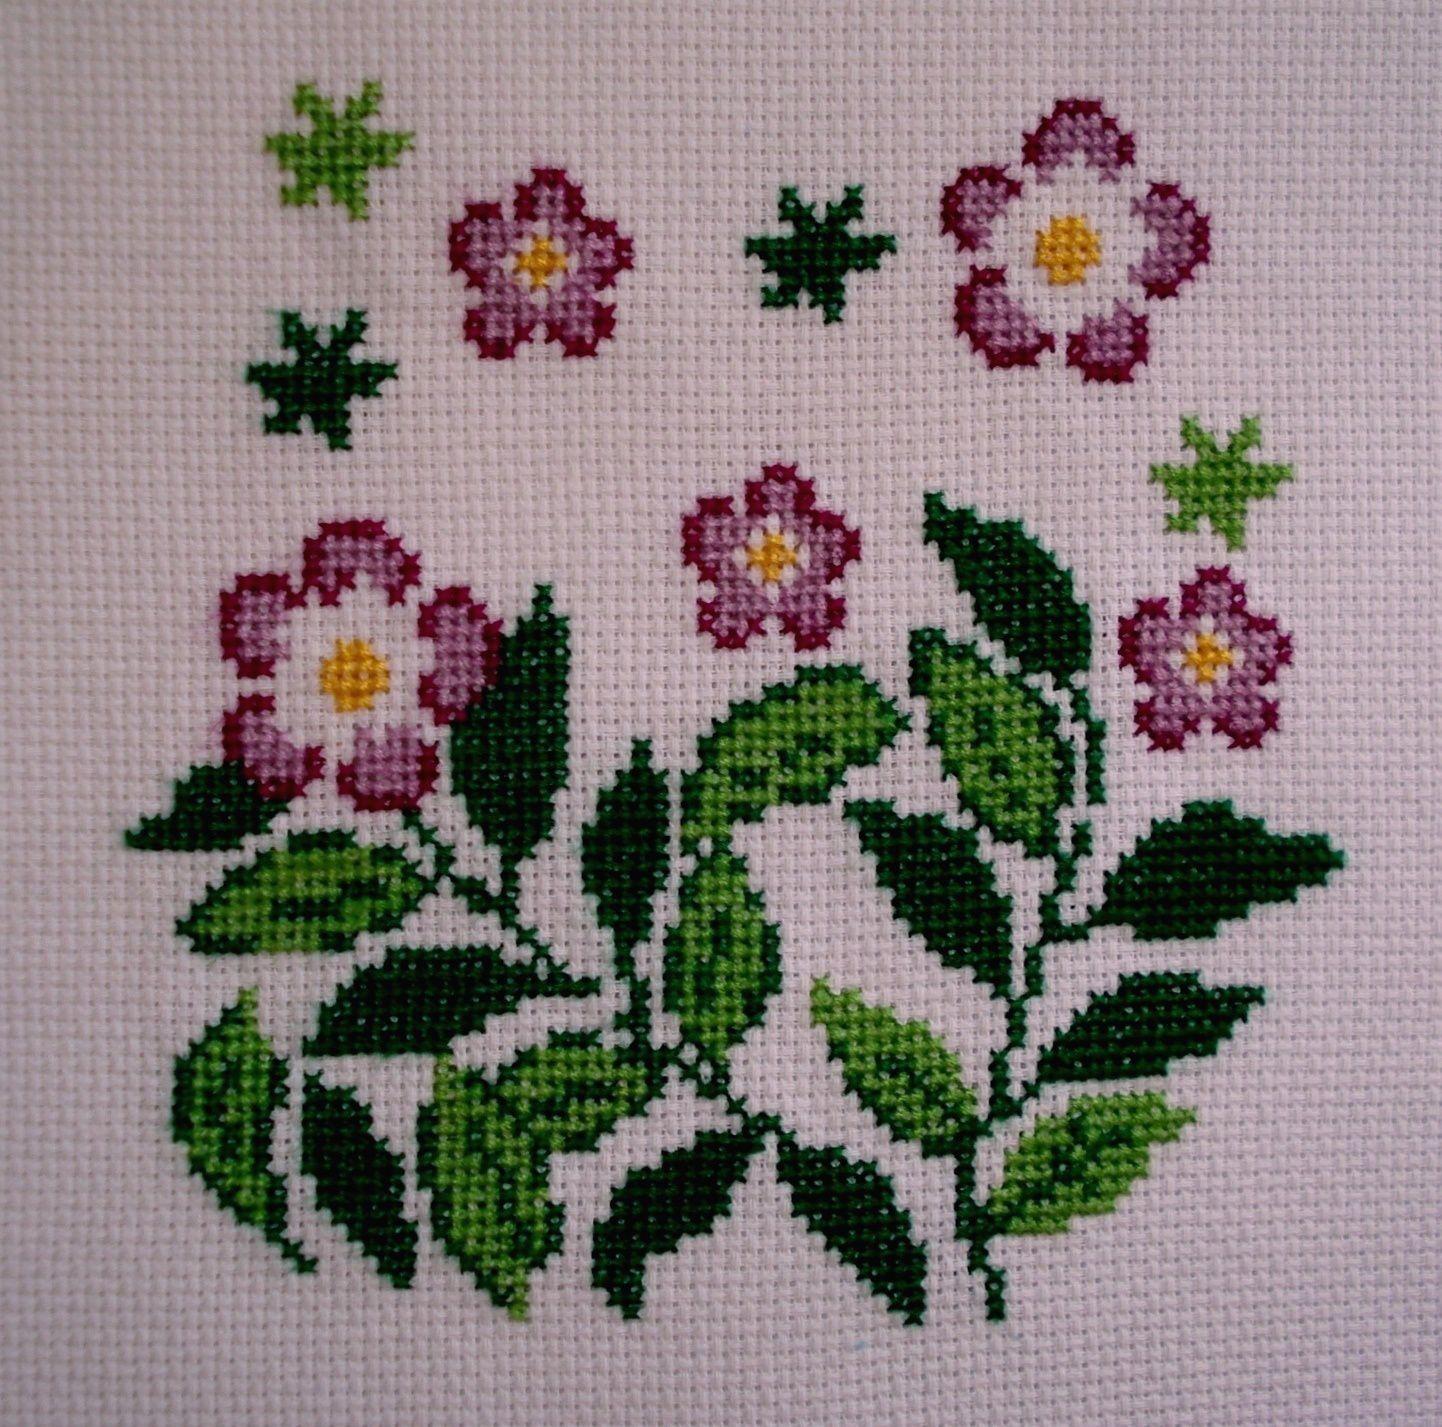 Fleurs violettes 2.